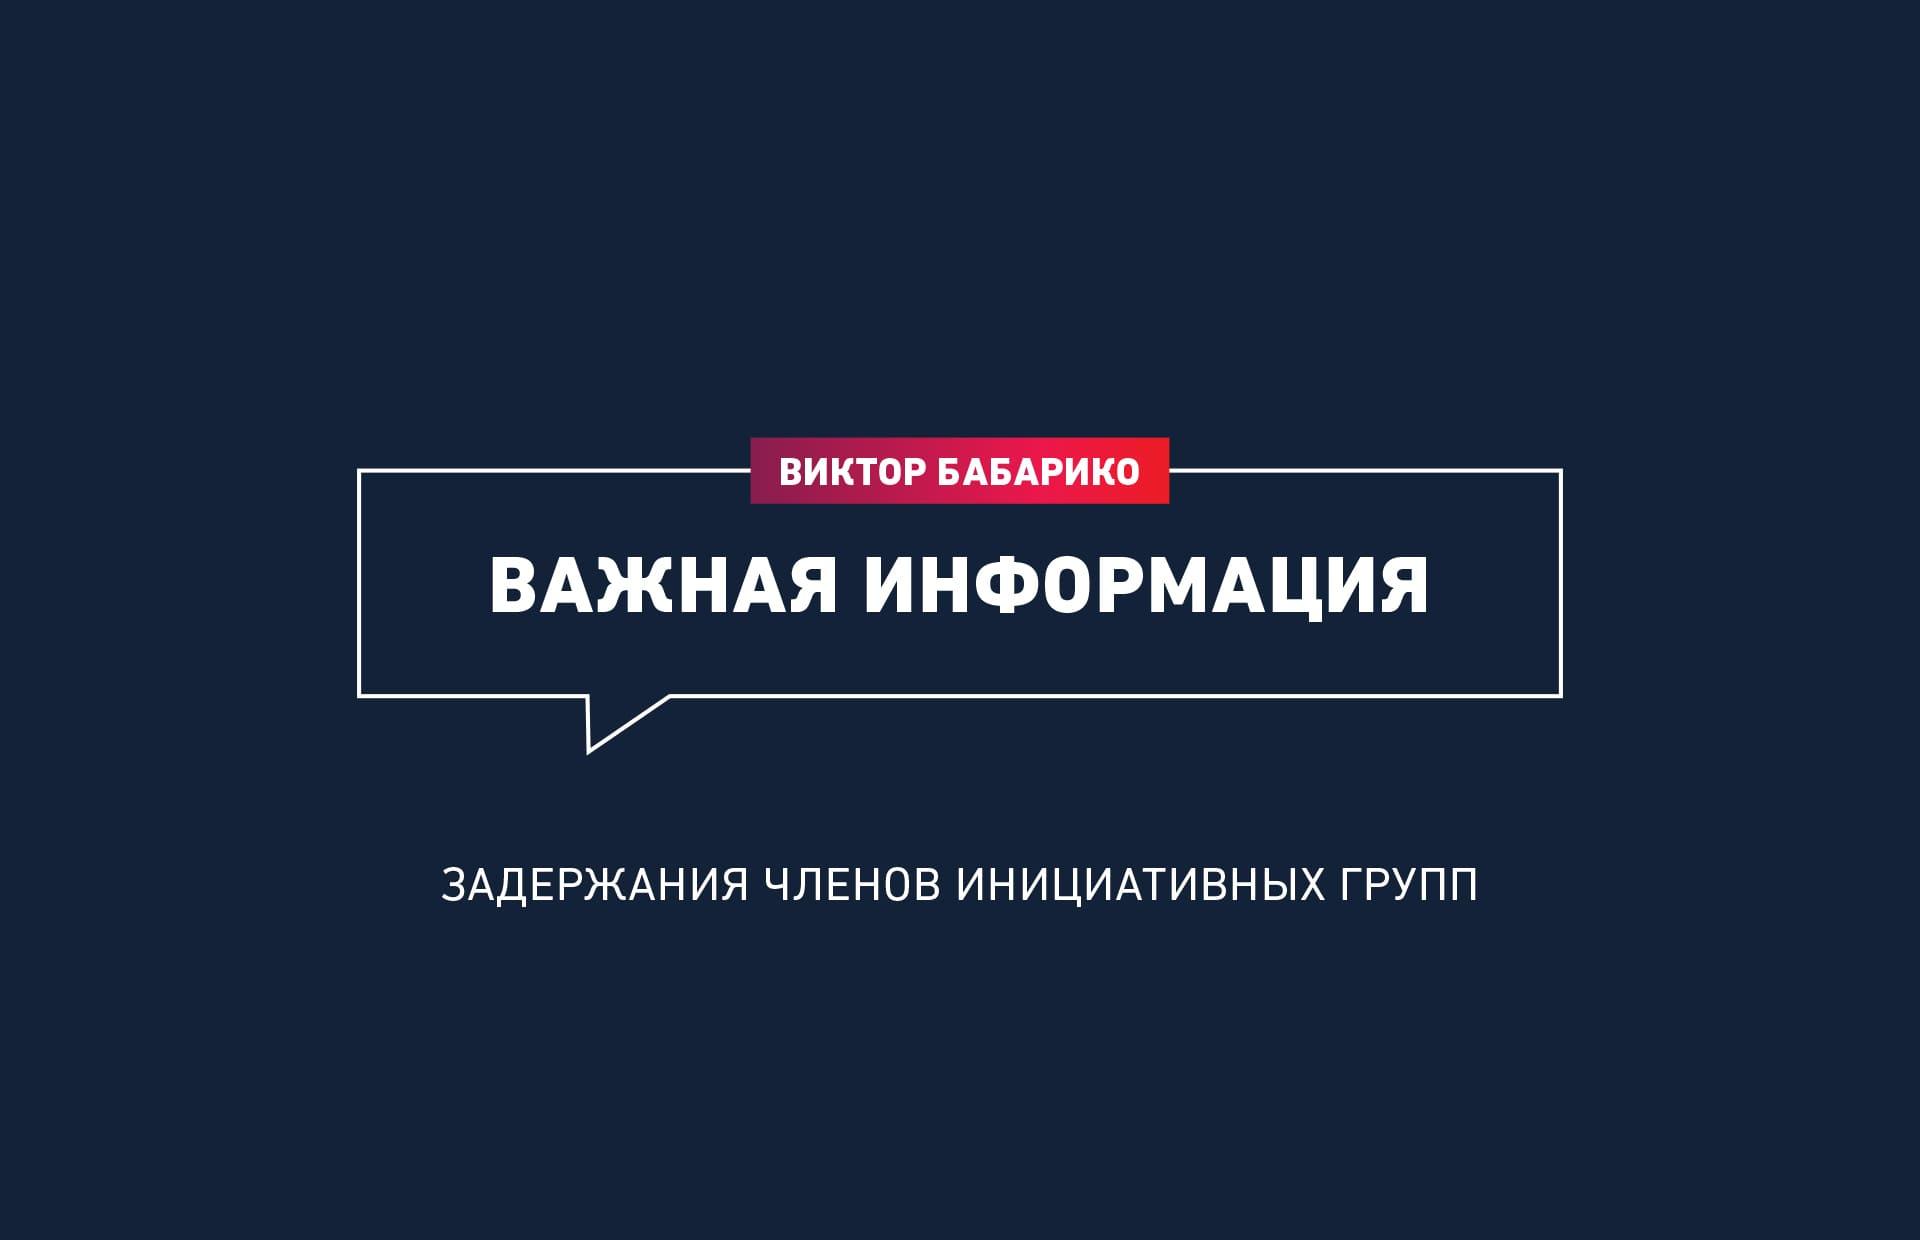 Важная информация о задержаниях членов инициативных групп